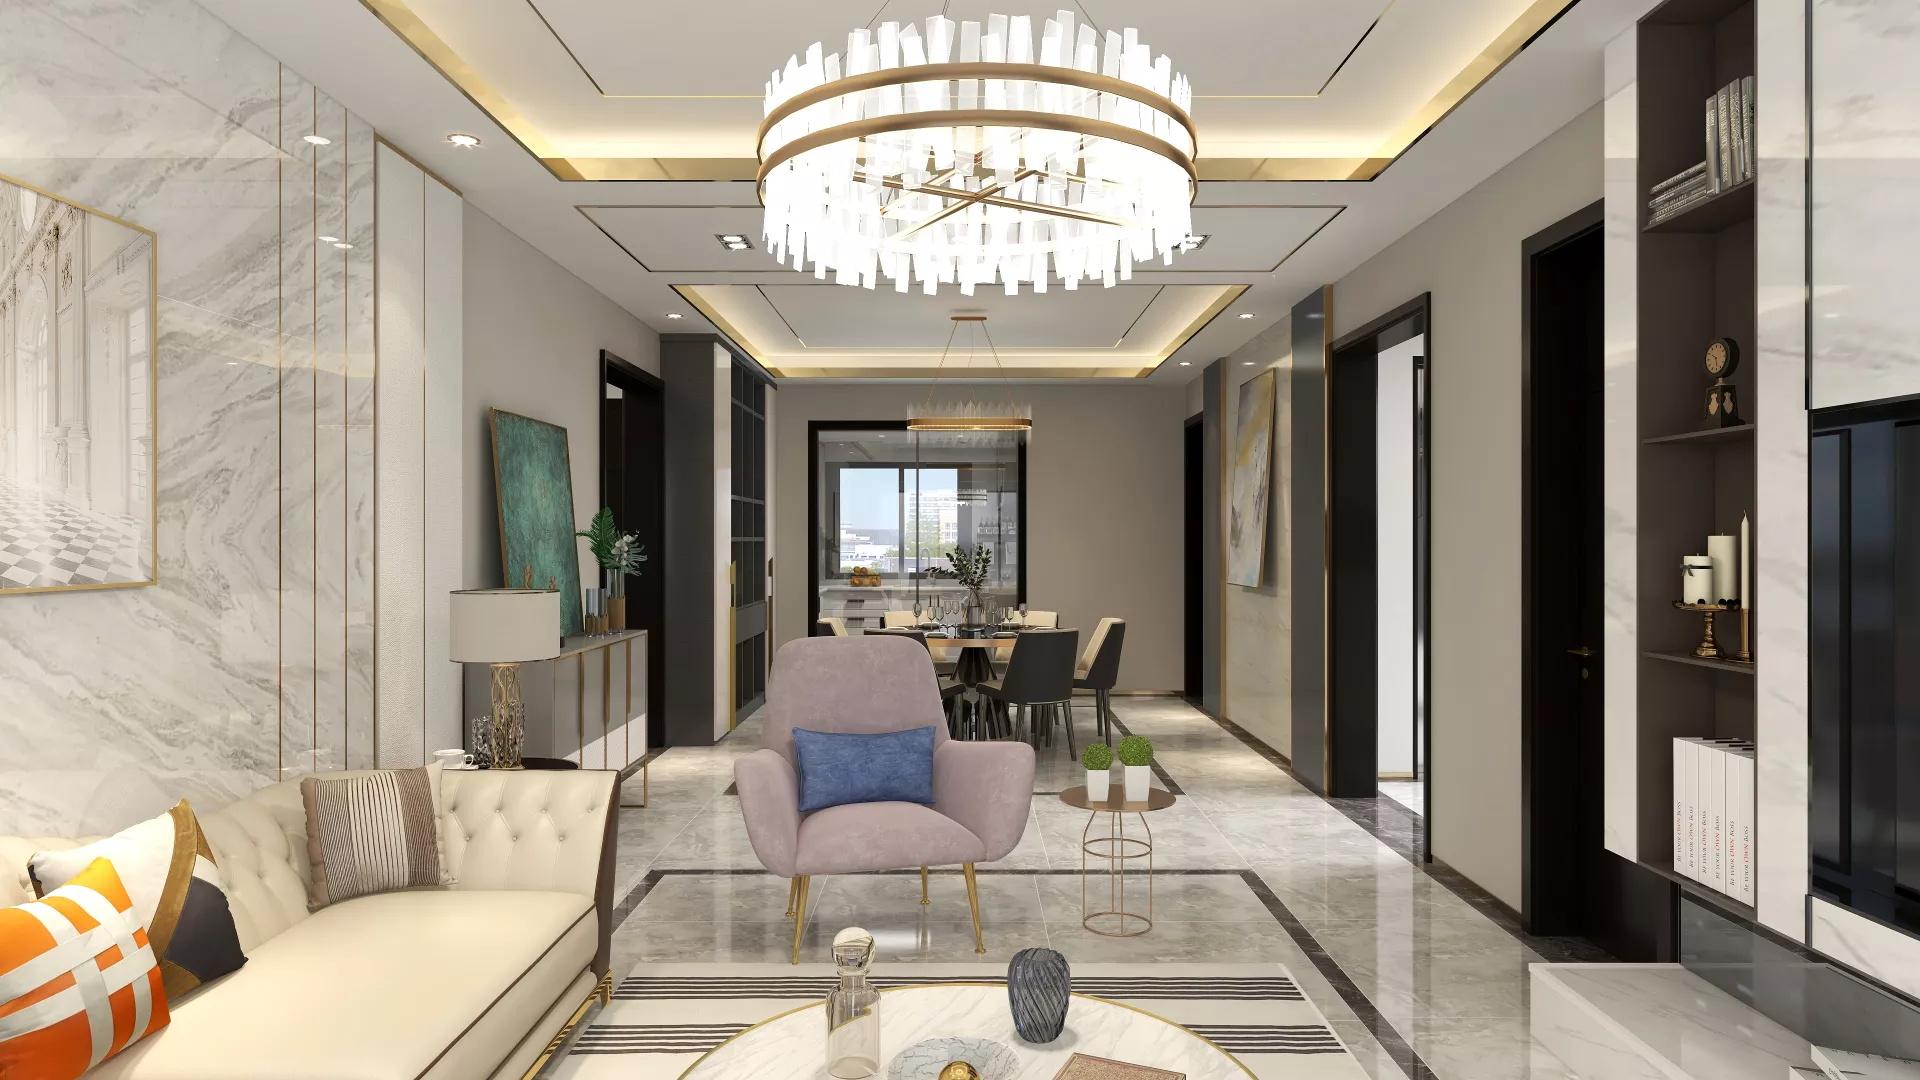 160平大户型美式风格家居装修效果图